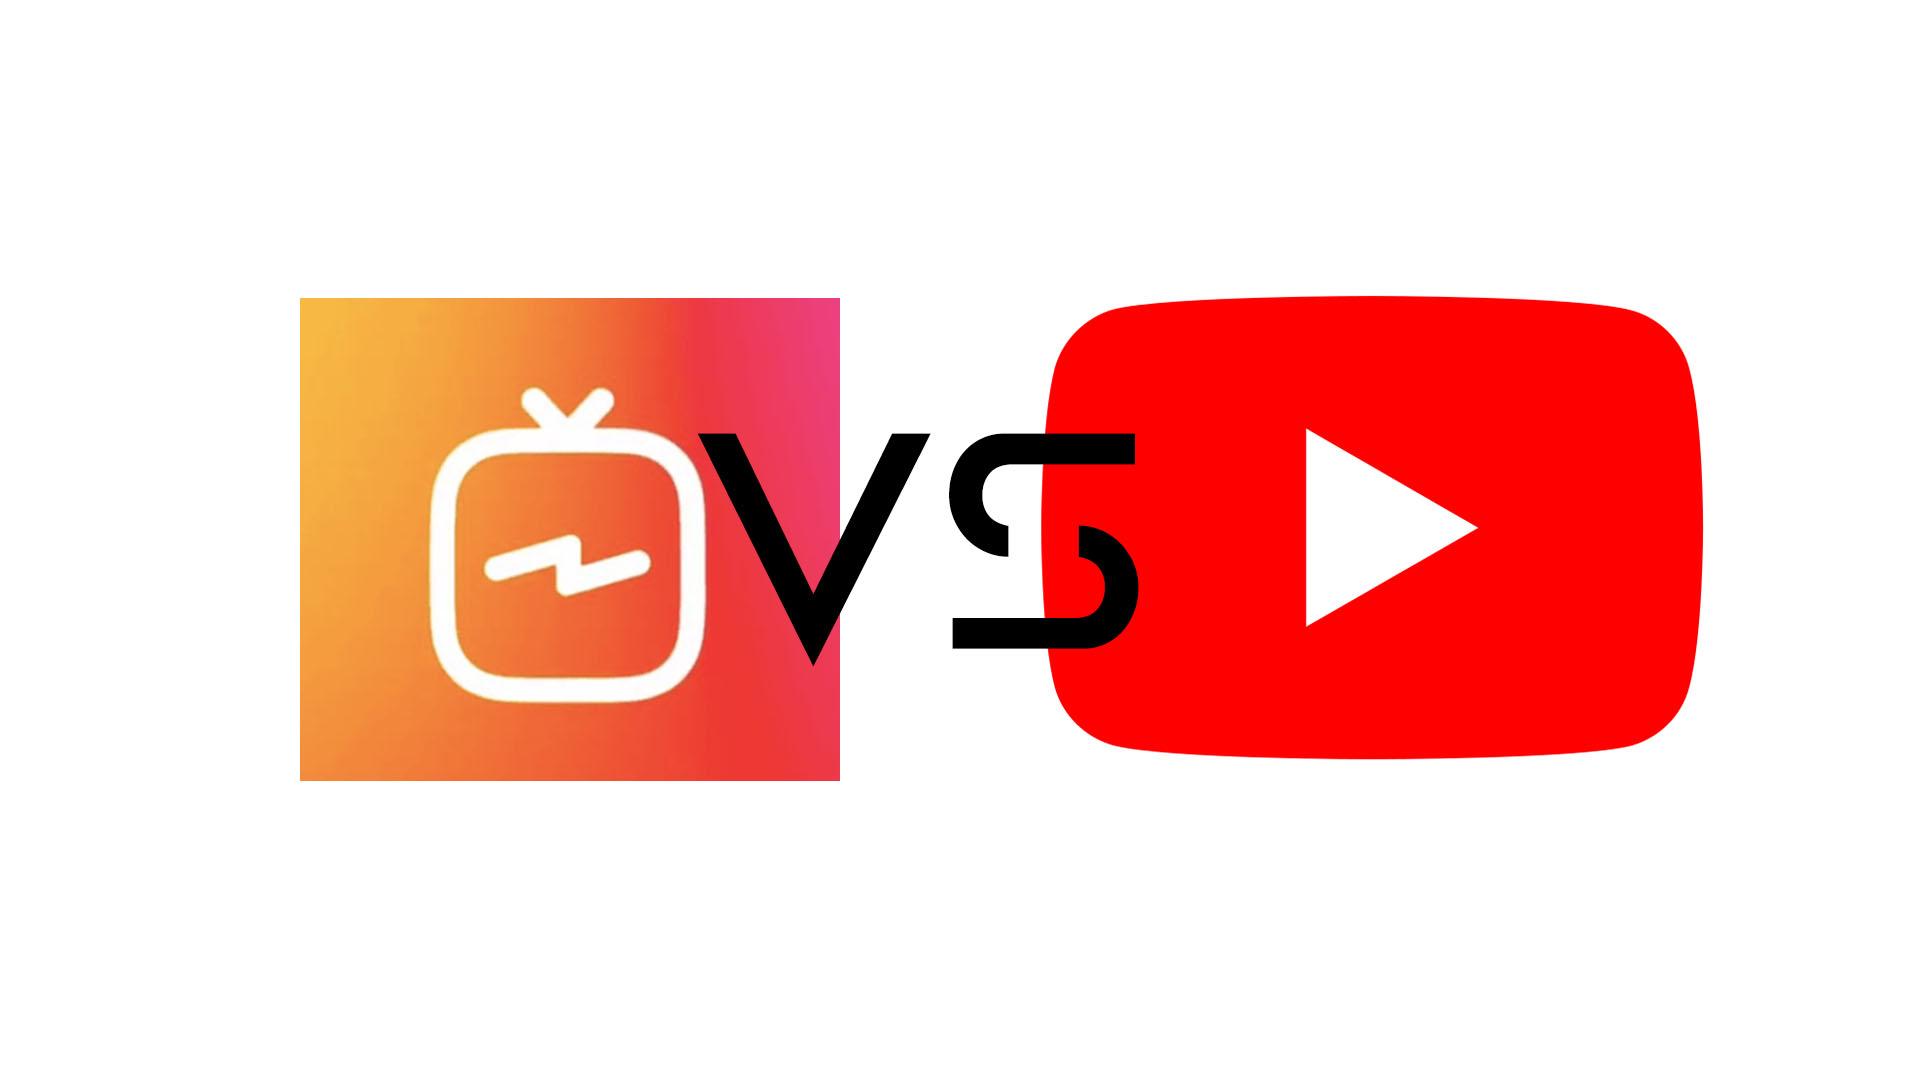 IG TV dengan Sejuta Kejutan bagi Pengguna Instagram